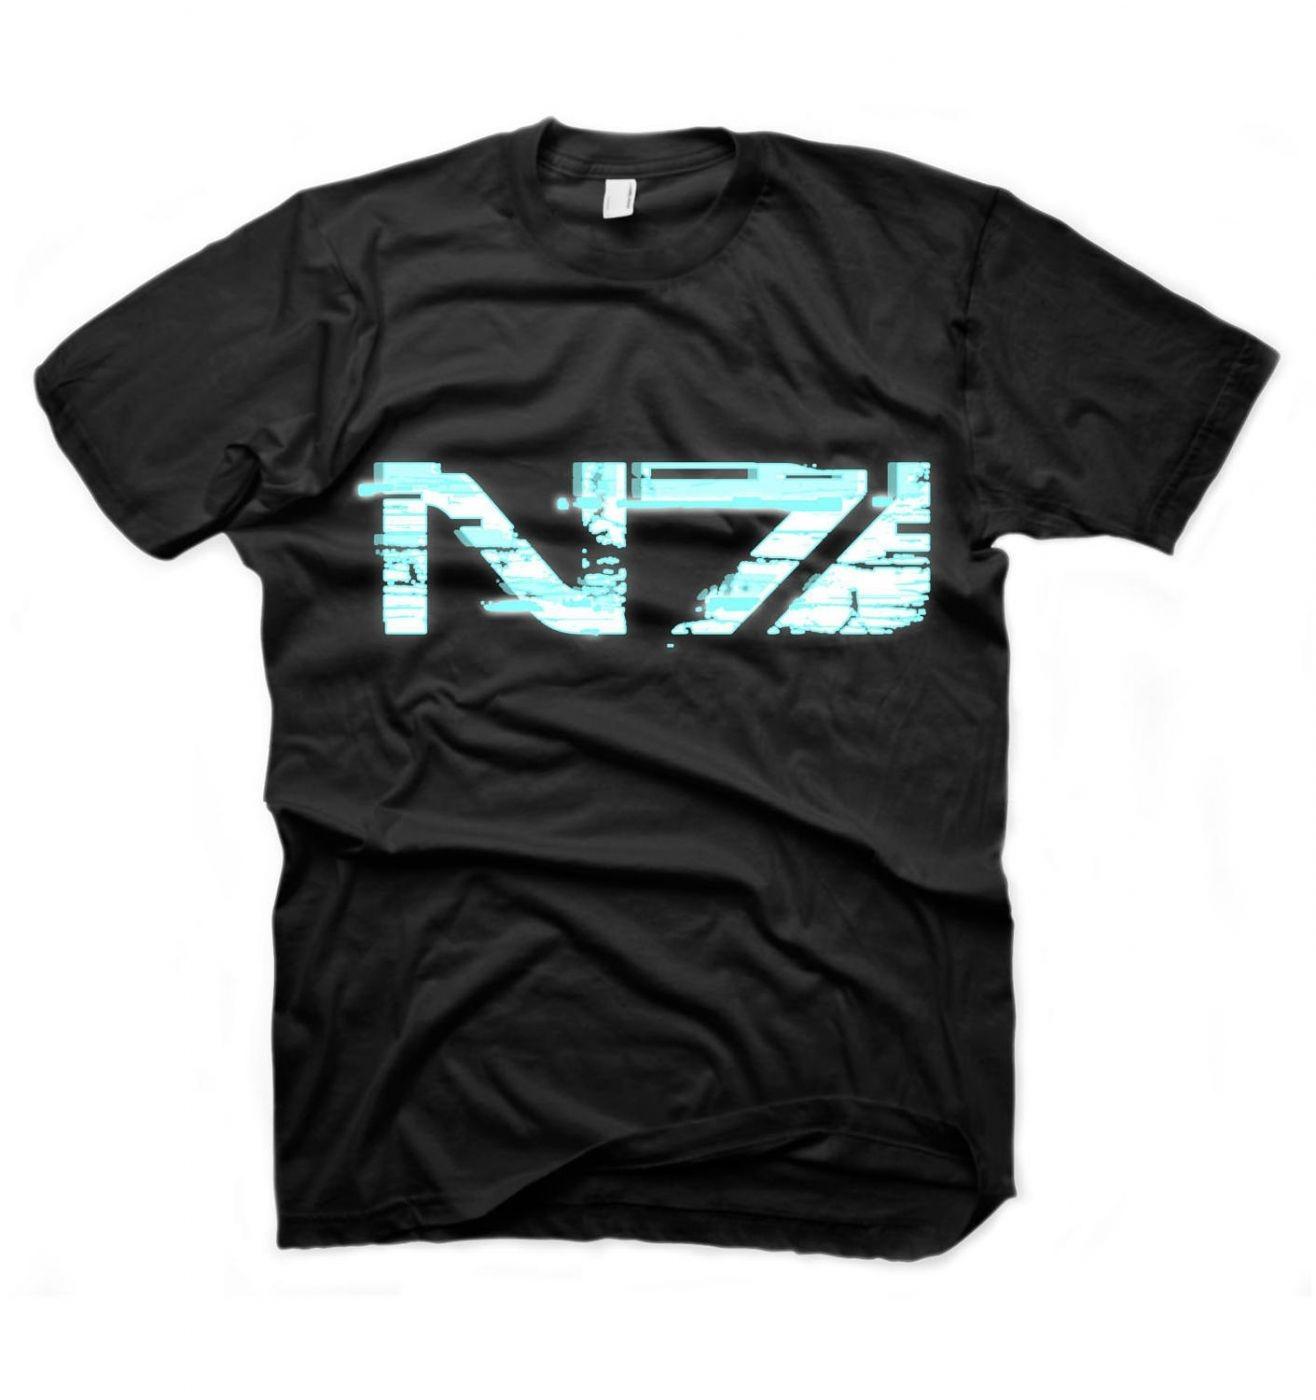 Mass Effect 3 Glitch N7 Logo t-shirt - OFFICIAL